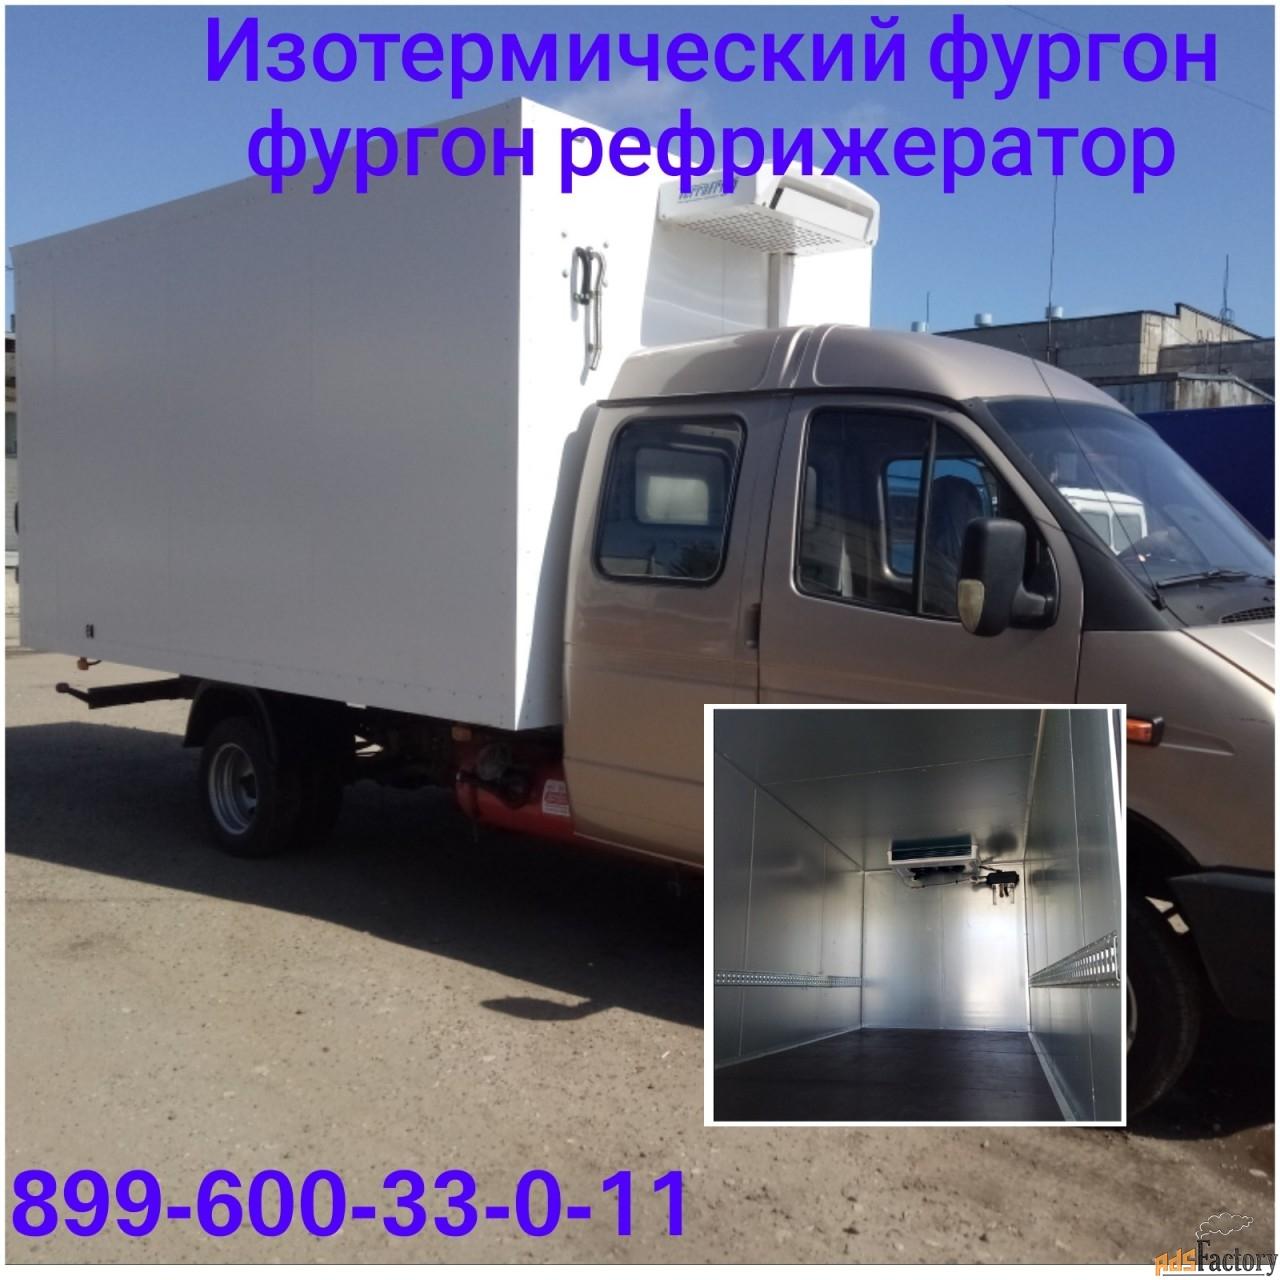 купить изотермический фургон